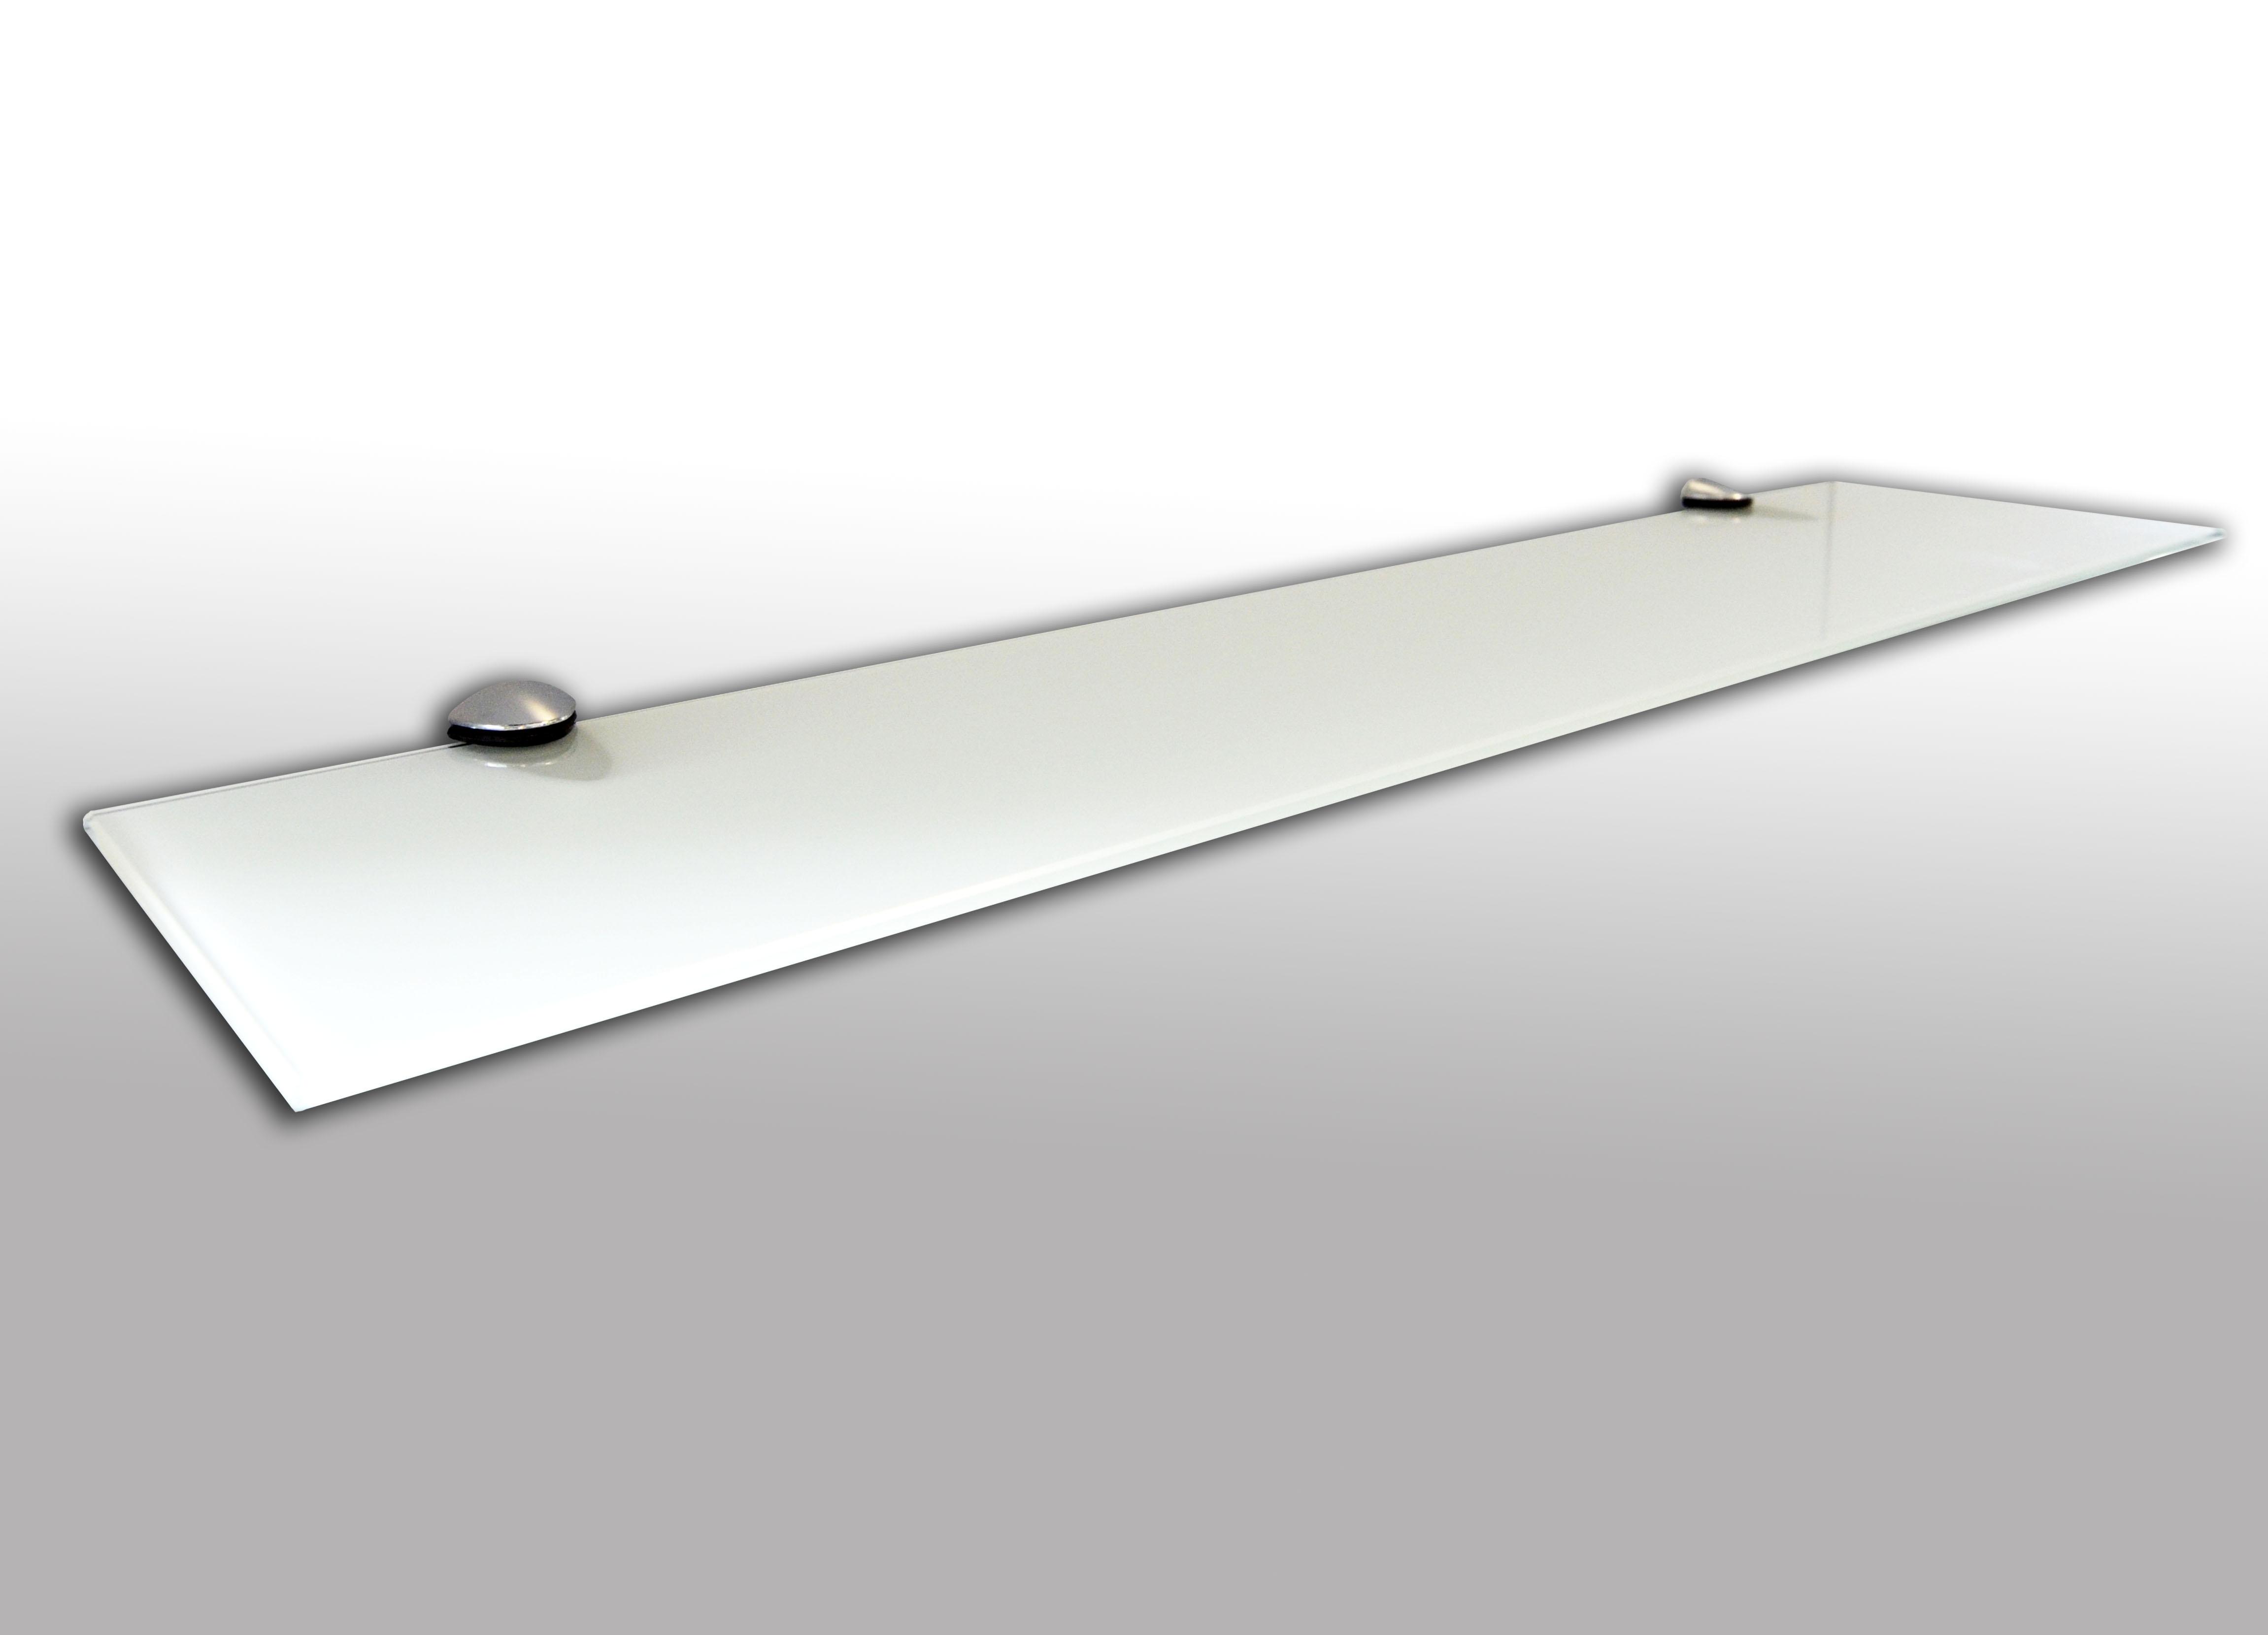 etag re en verre tremp d poli miroir pour toi. Black Bedroom Furniture Sets. Home Design Ideas